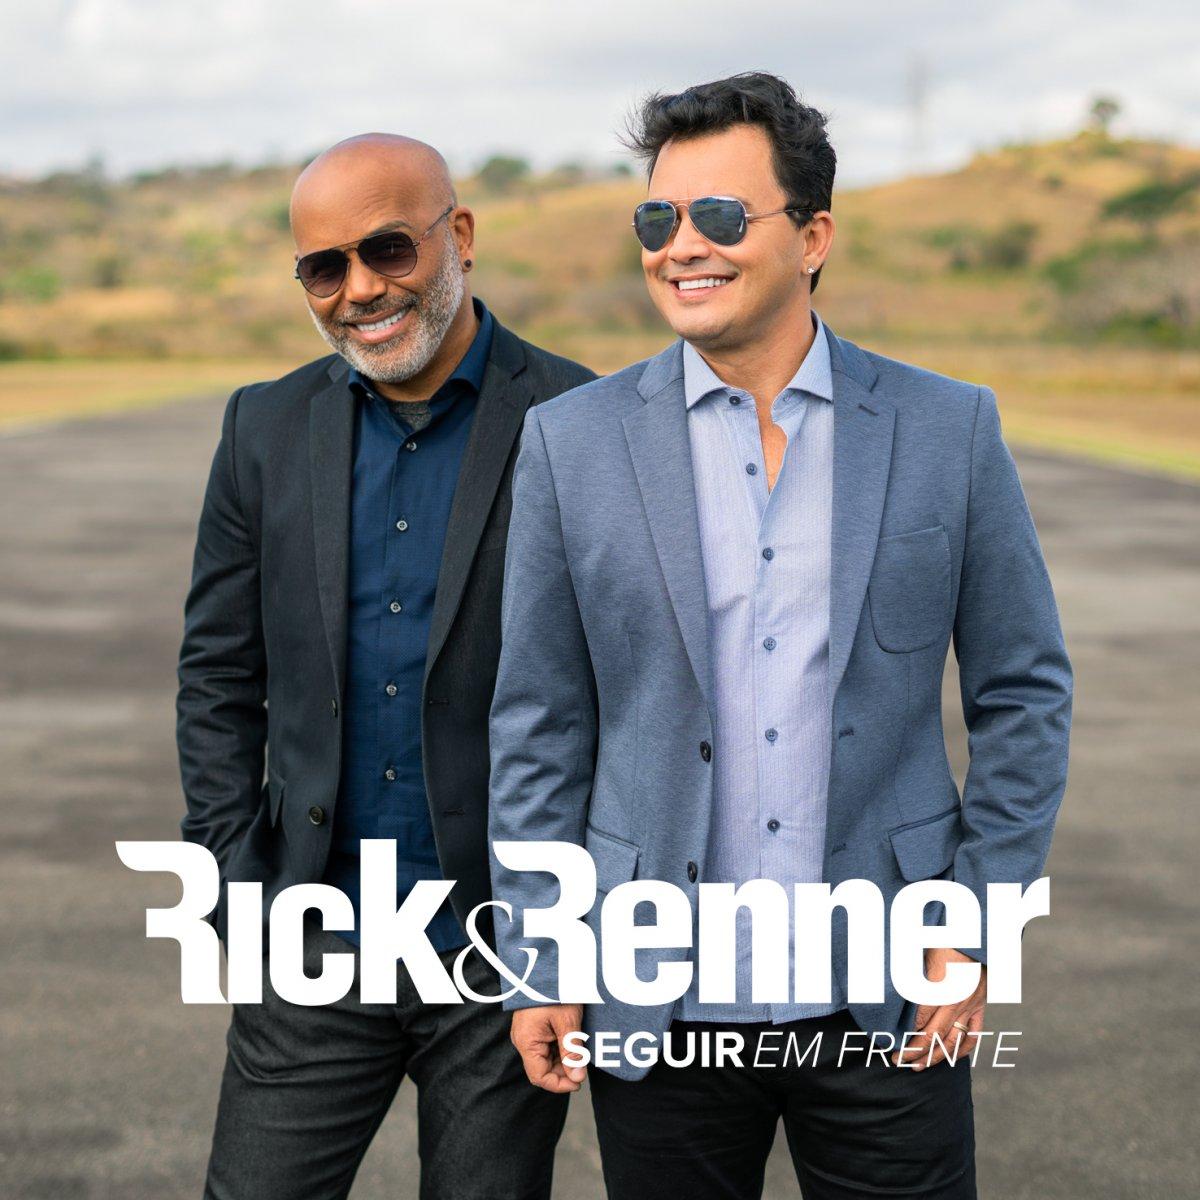 Tour seguir em frente - Rick e Renner